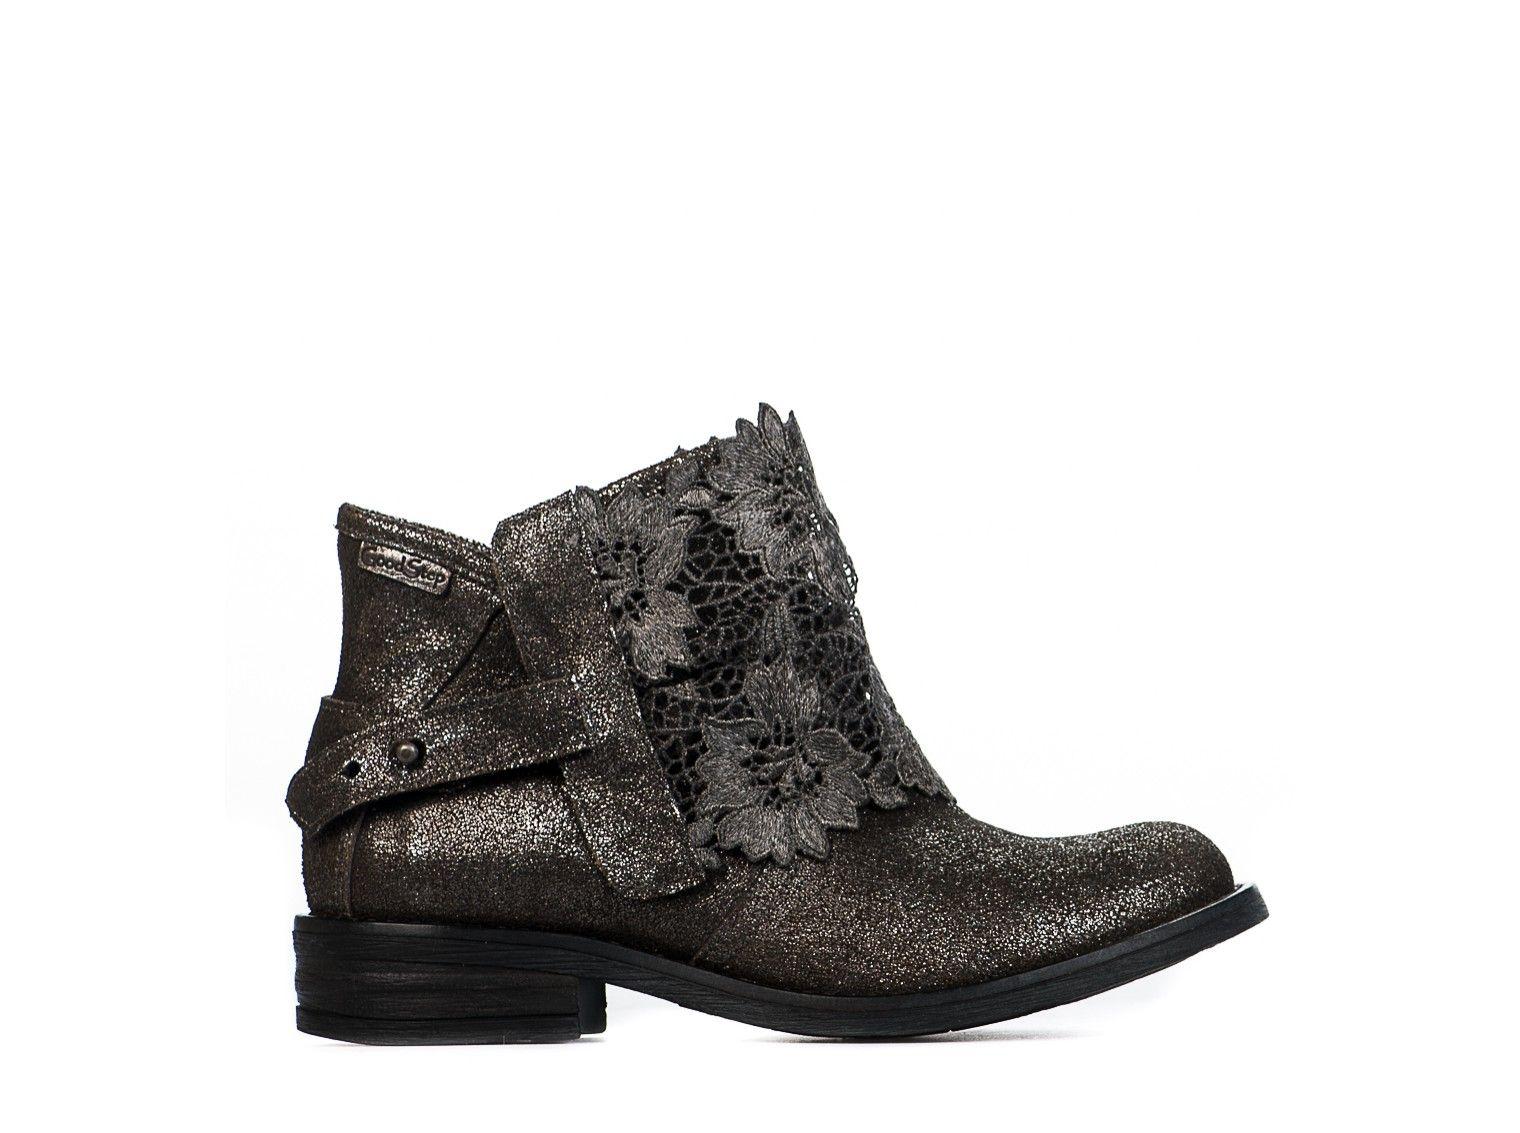 5ee1dac04c9c5 Chaussures GOODSTEP gris argent 58353 pour femme - Millim